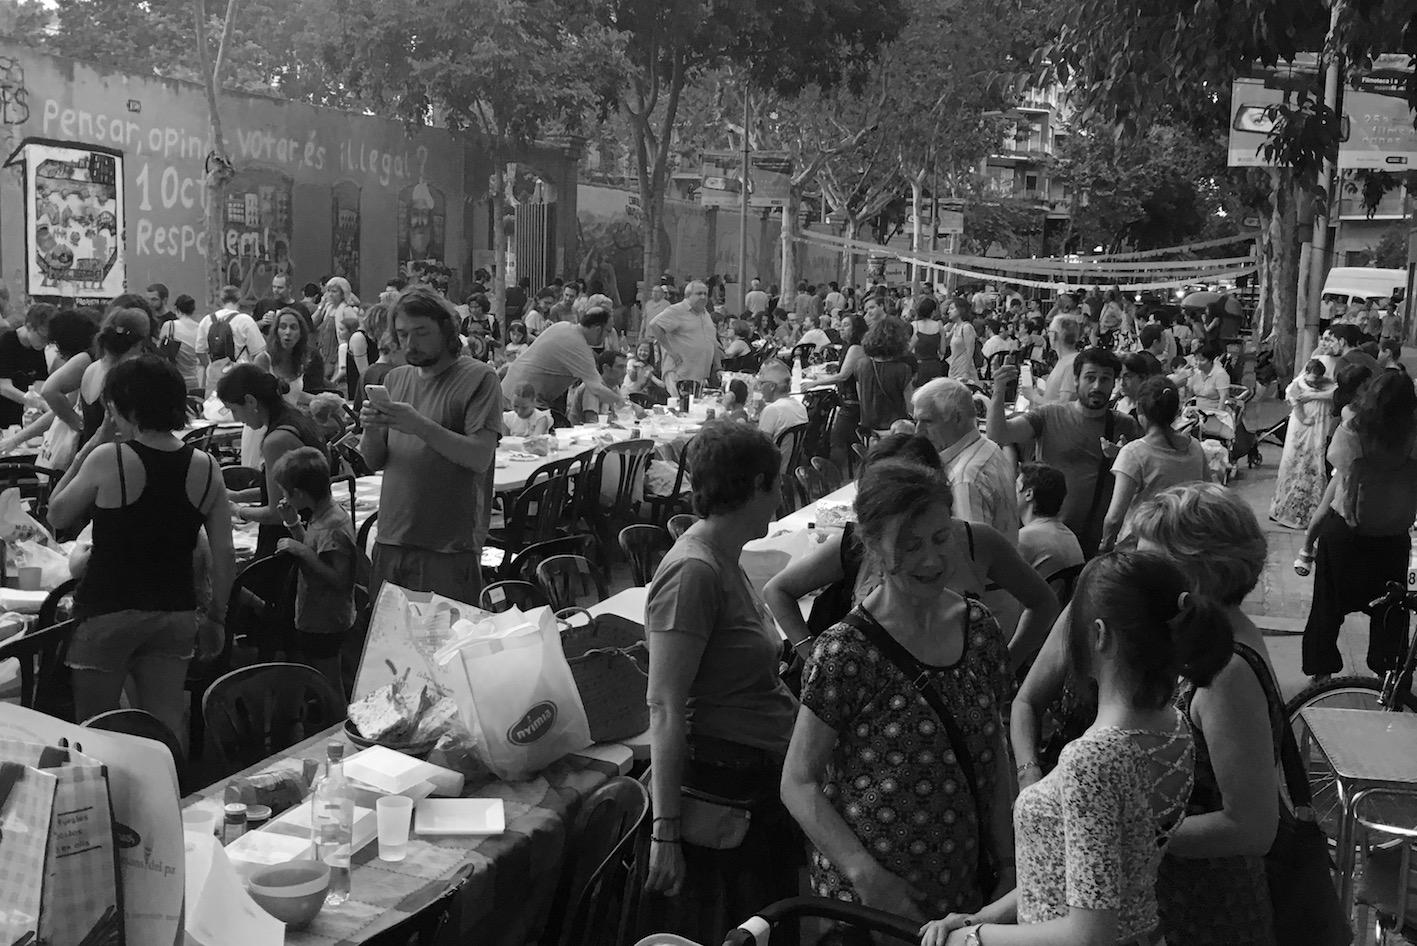 JIMENEZ PACHECO, Pedro. Calle de Barcelona en la Fiesta de Sant Joan. (Marzo, 23, 2017)